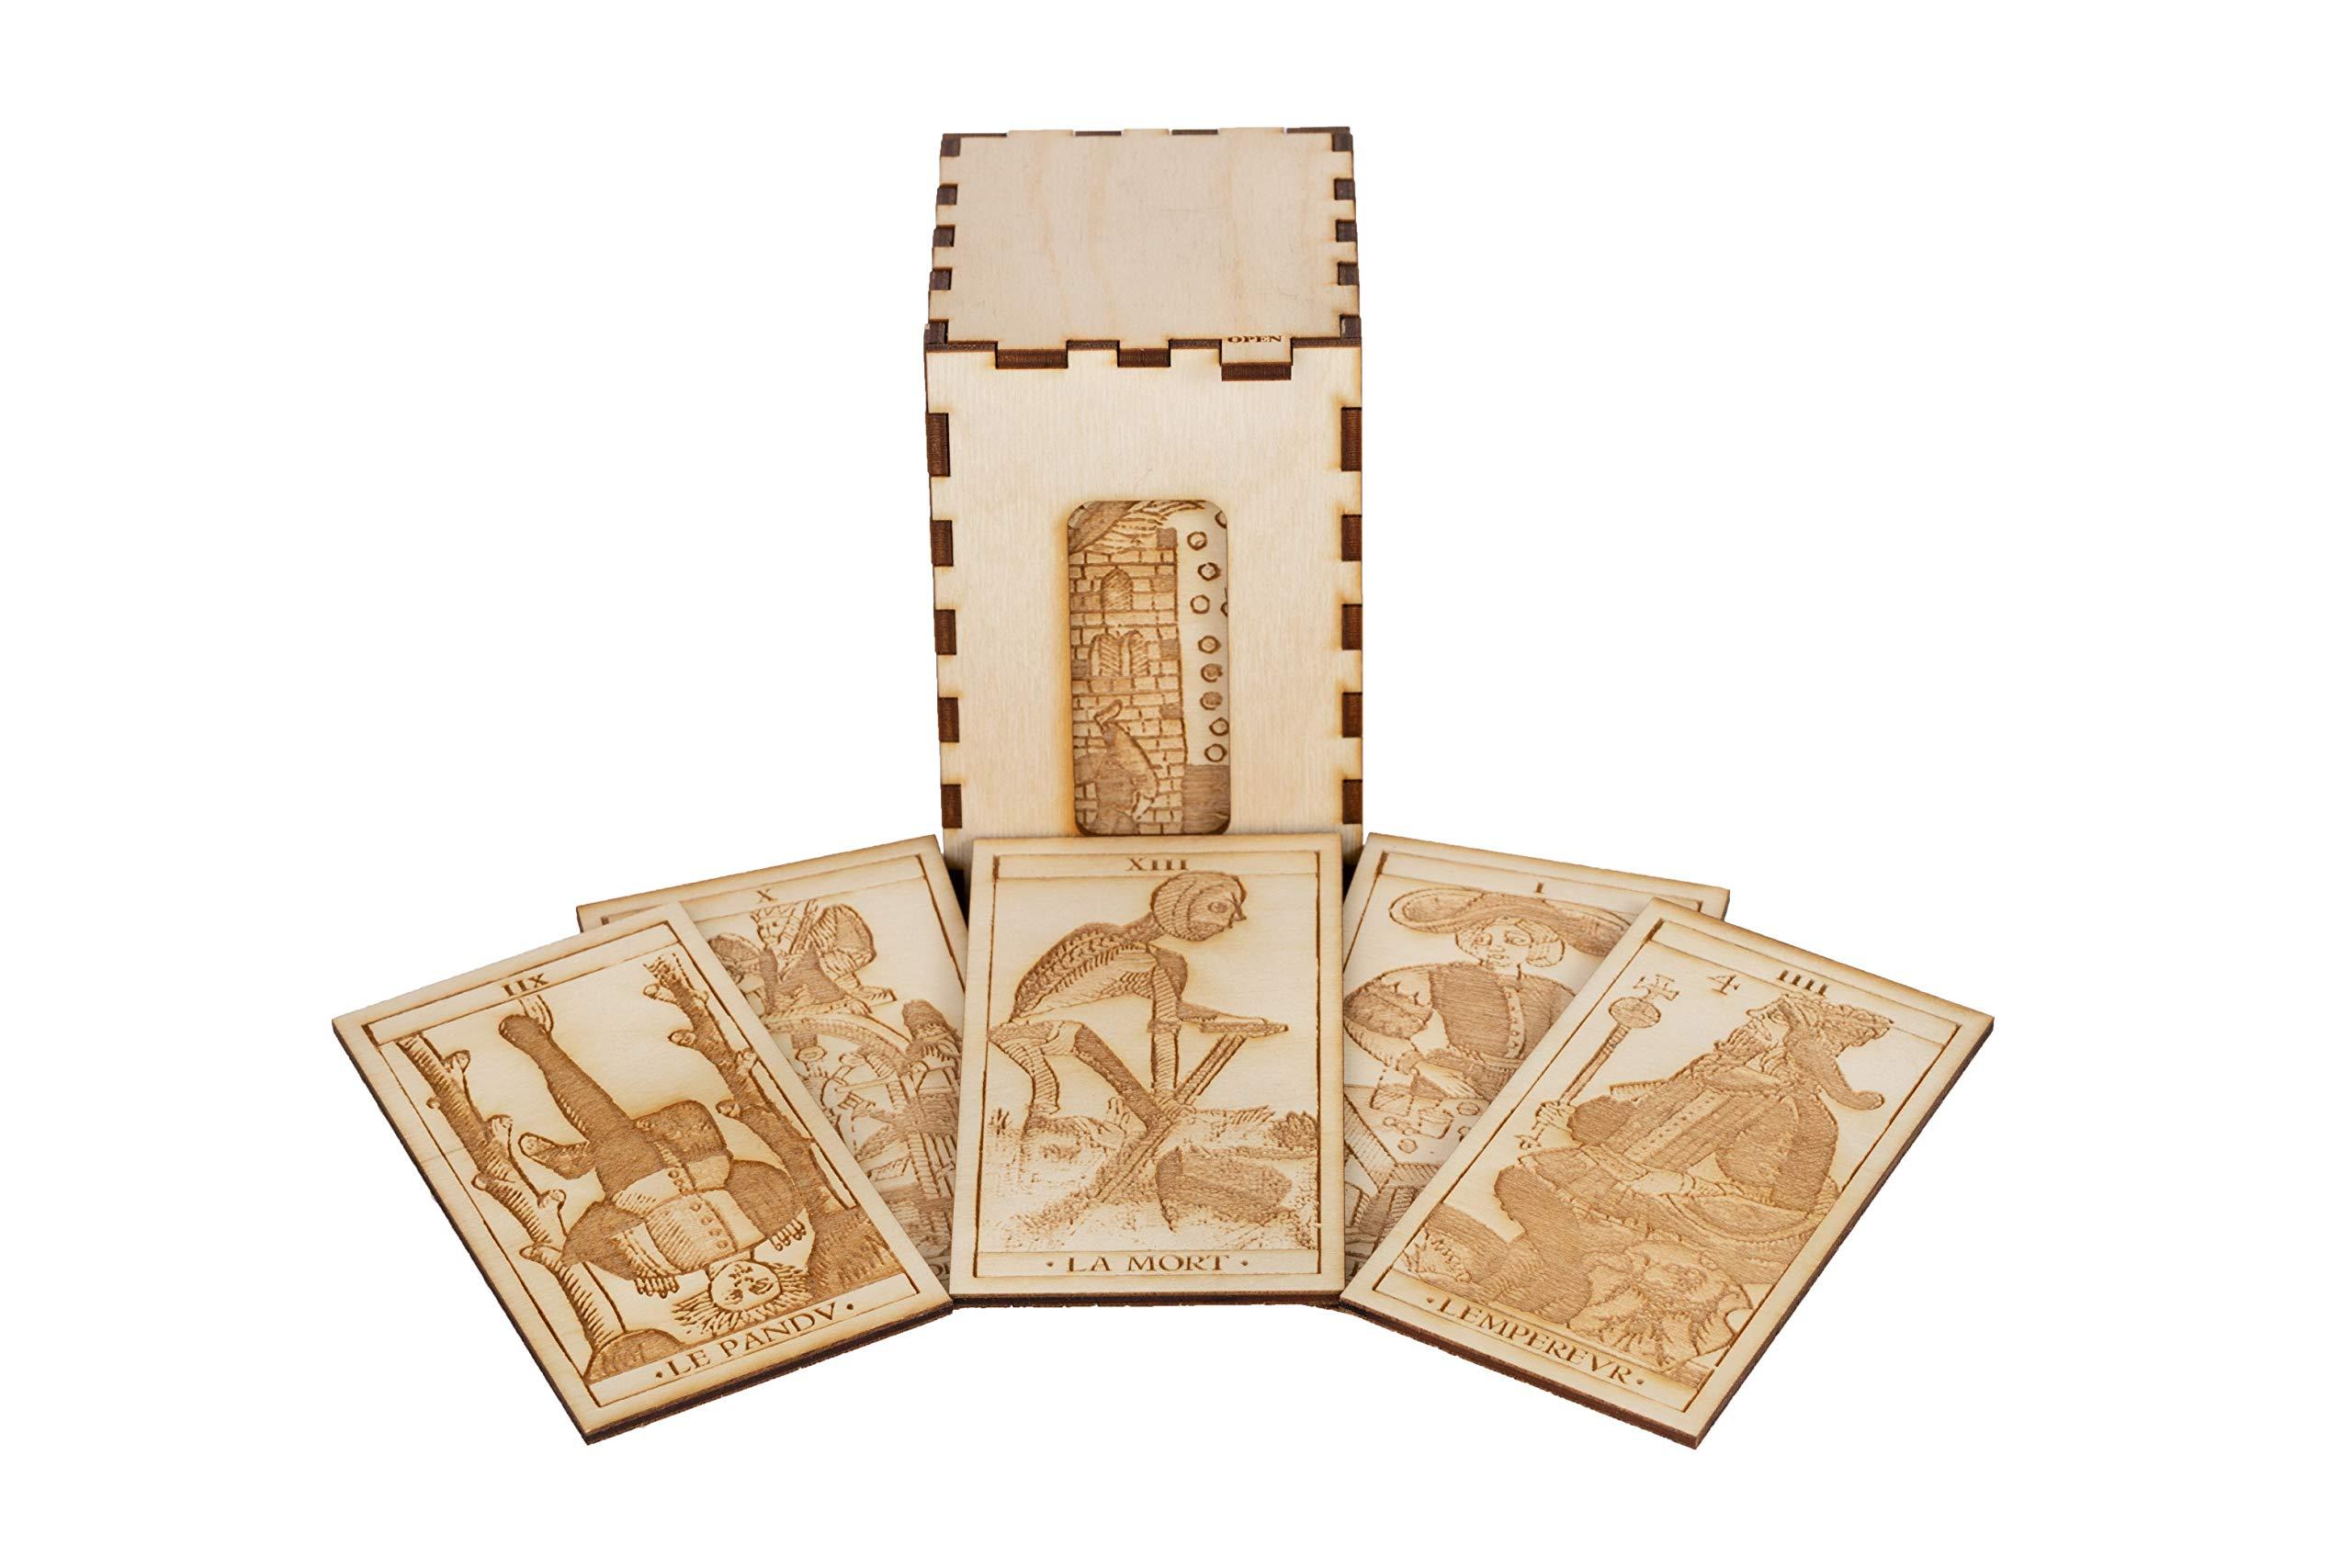 Wood Engraved Tarot Card Deck - Historically Accurate 17th Century Replica of Jean Dodal's Tarot De Marseilles Major Arcana, 22 Cards